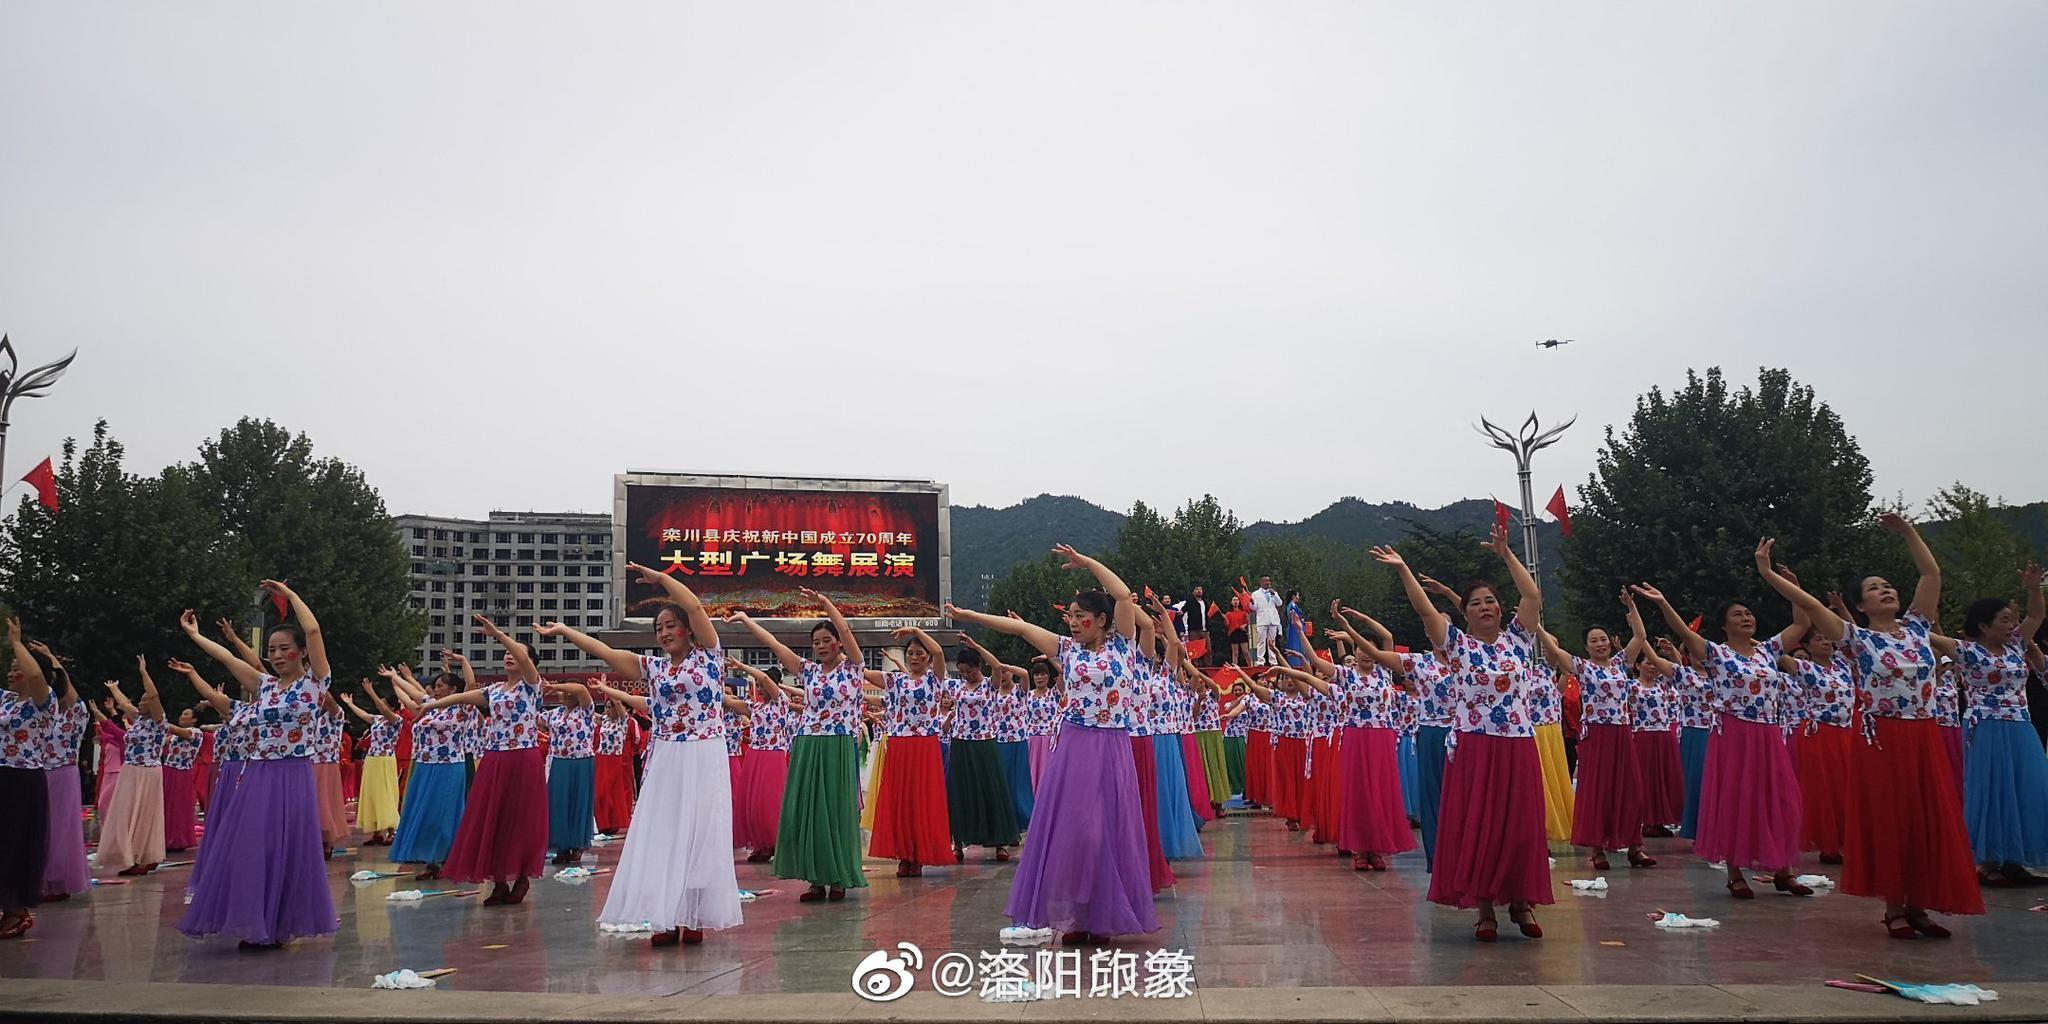 展演进行时!栾川县庆祝新中国成立70周年大型广场舞展演正精彩